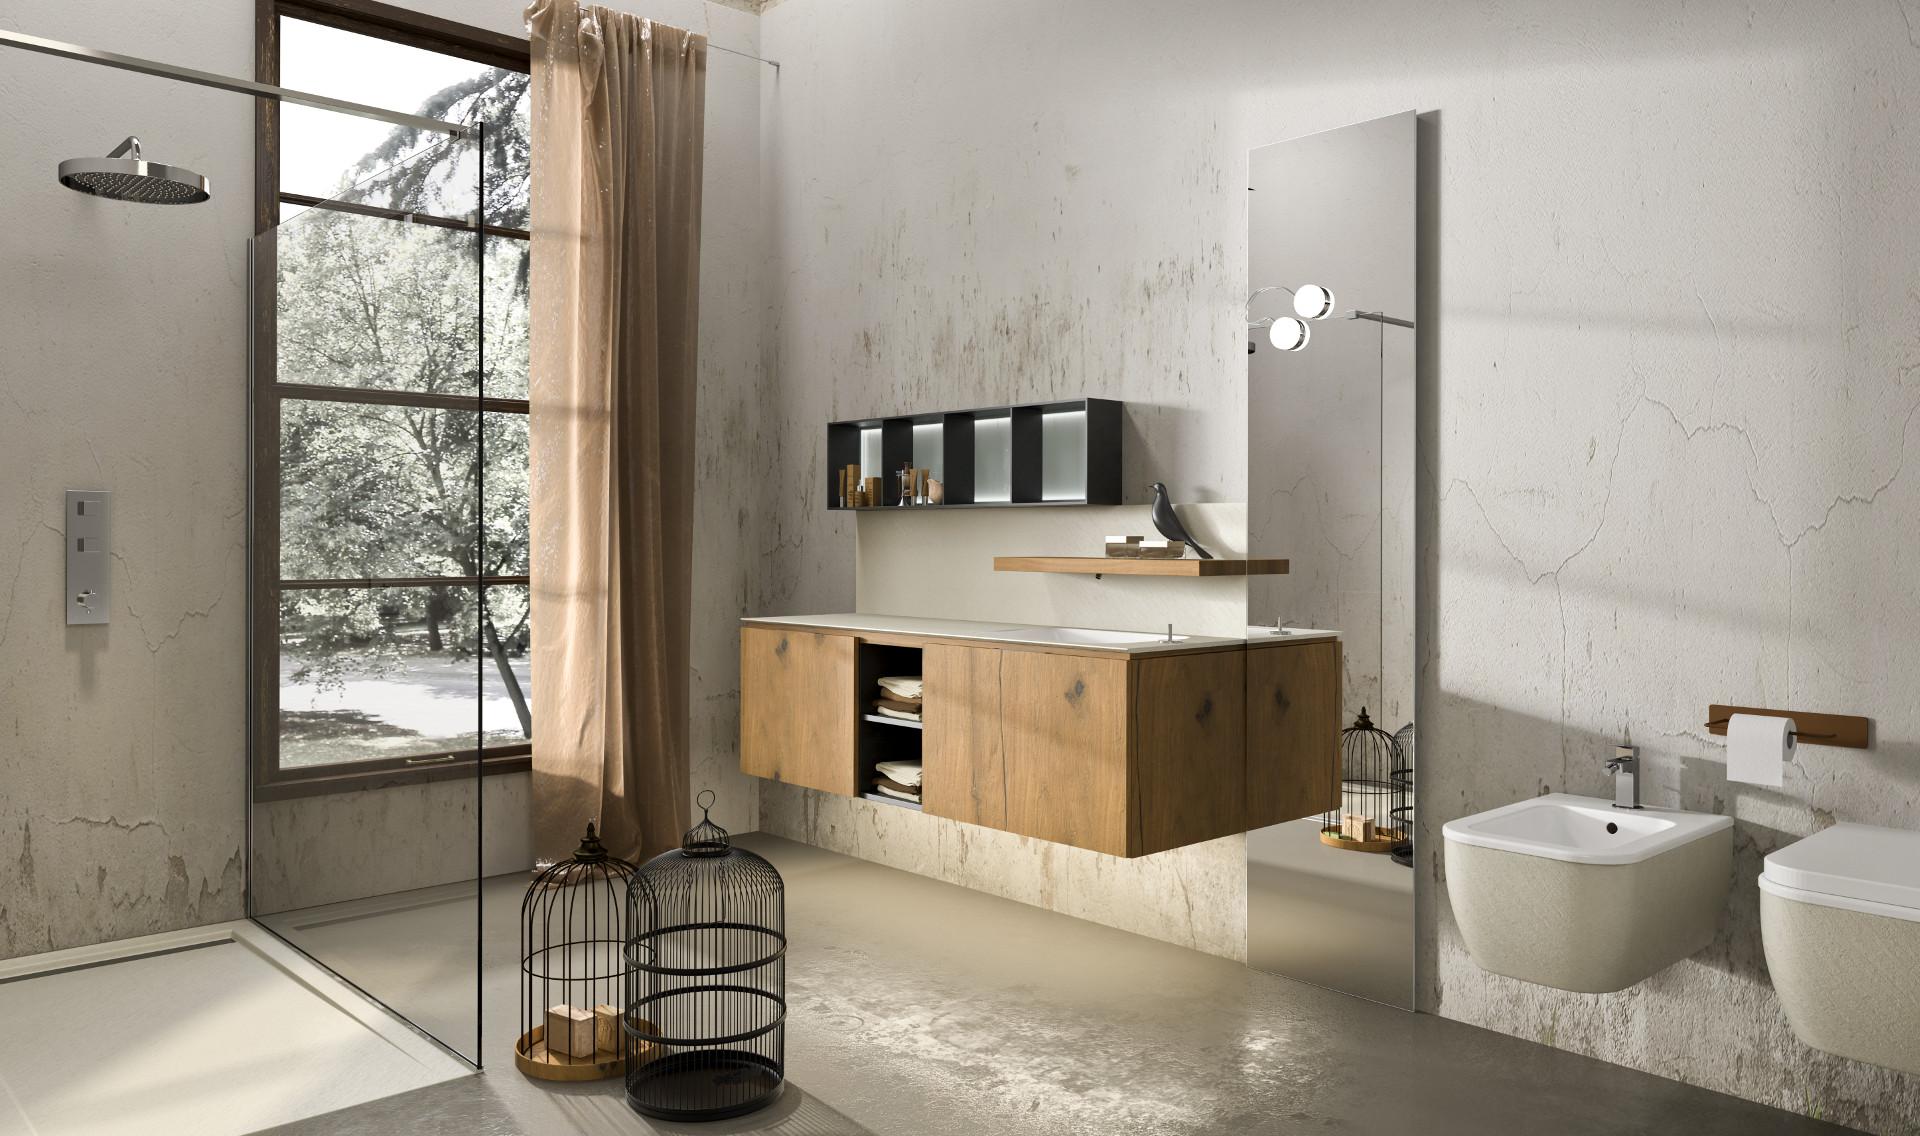 Arredo bagno: design futuristico - Arredamento - Design